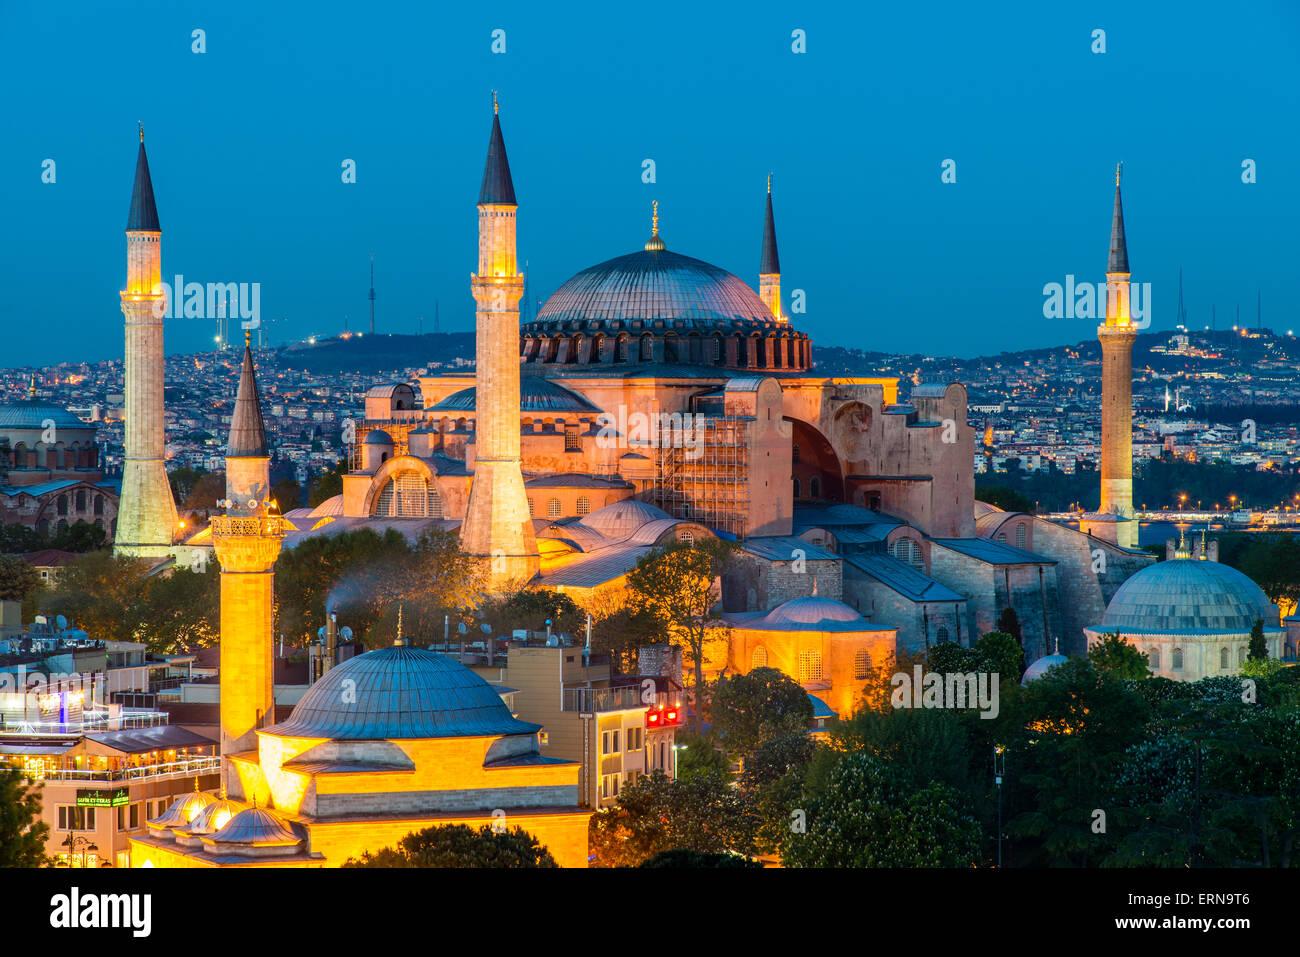 Nuit Vue de dessus plus Hagia Sophia, Sultanahmet, Istanbul, Turquie Photo Stock